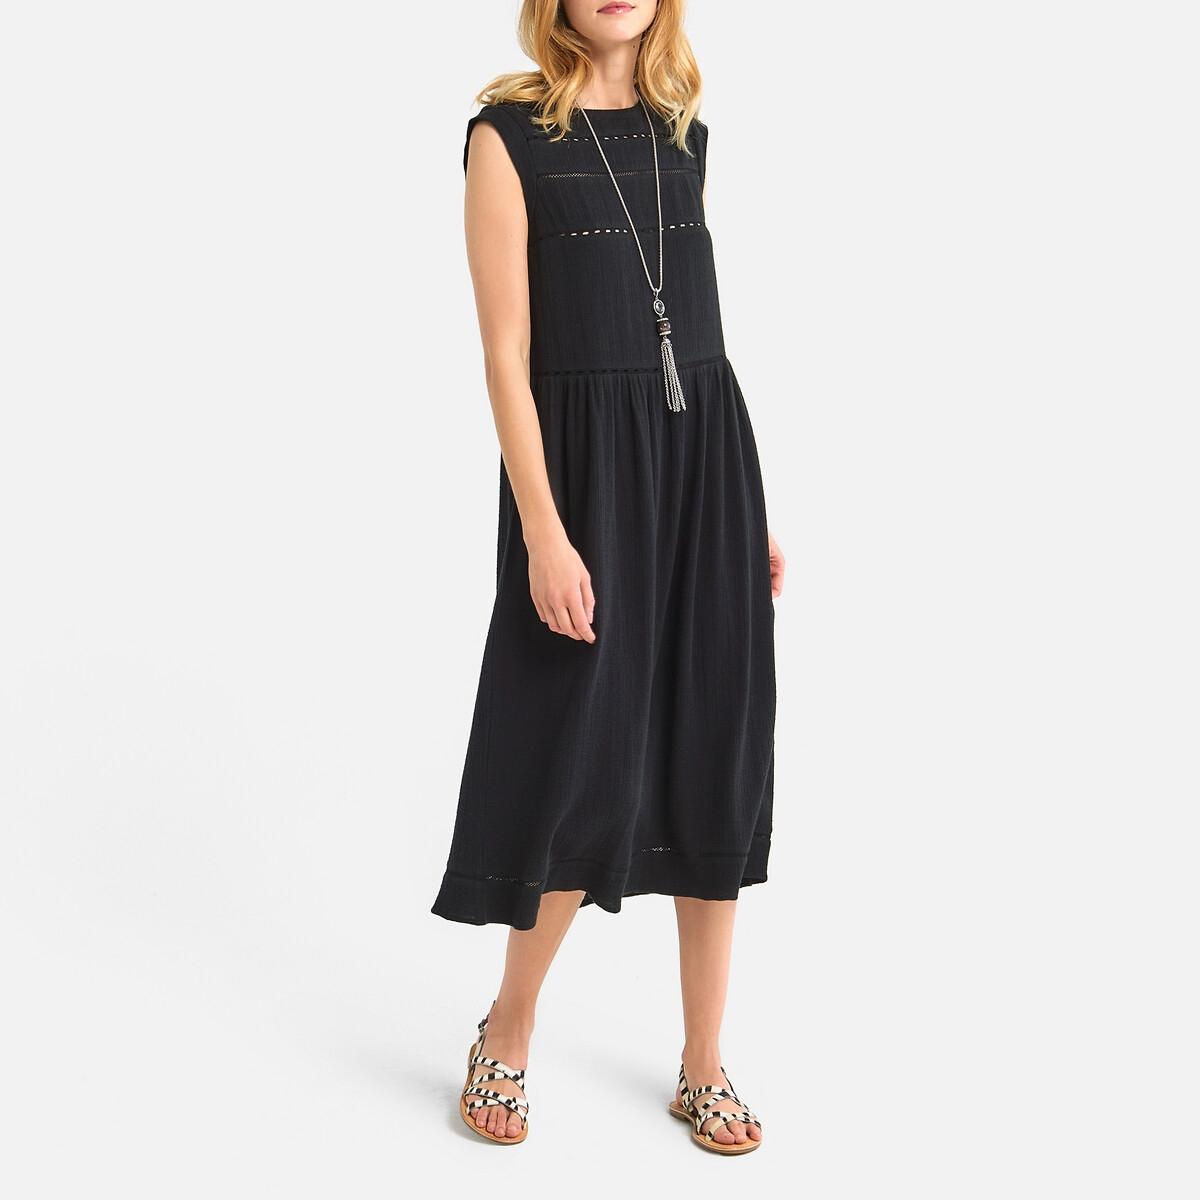 Платье La Redoute Без рукавов вставки с неполным переплетением 36 (FR) - 42 (RUS) черный платье la redoute радужное estelle 36 fr 42 rus черный